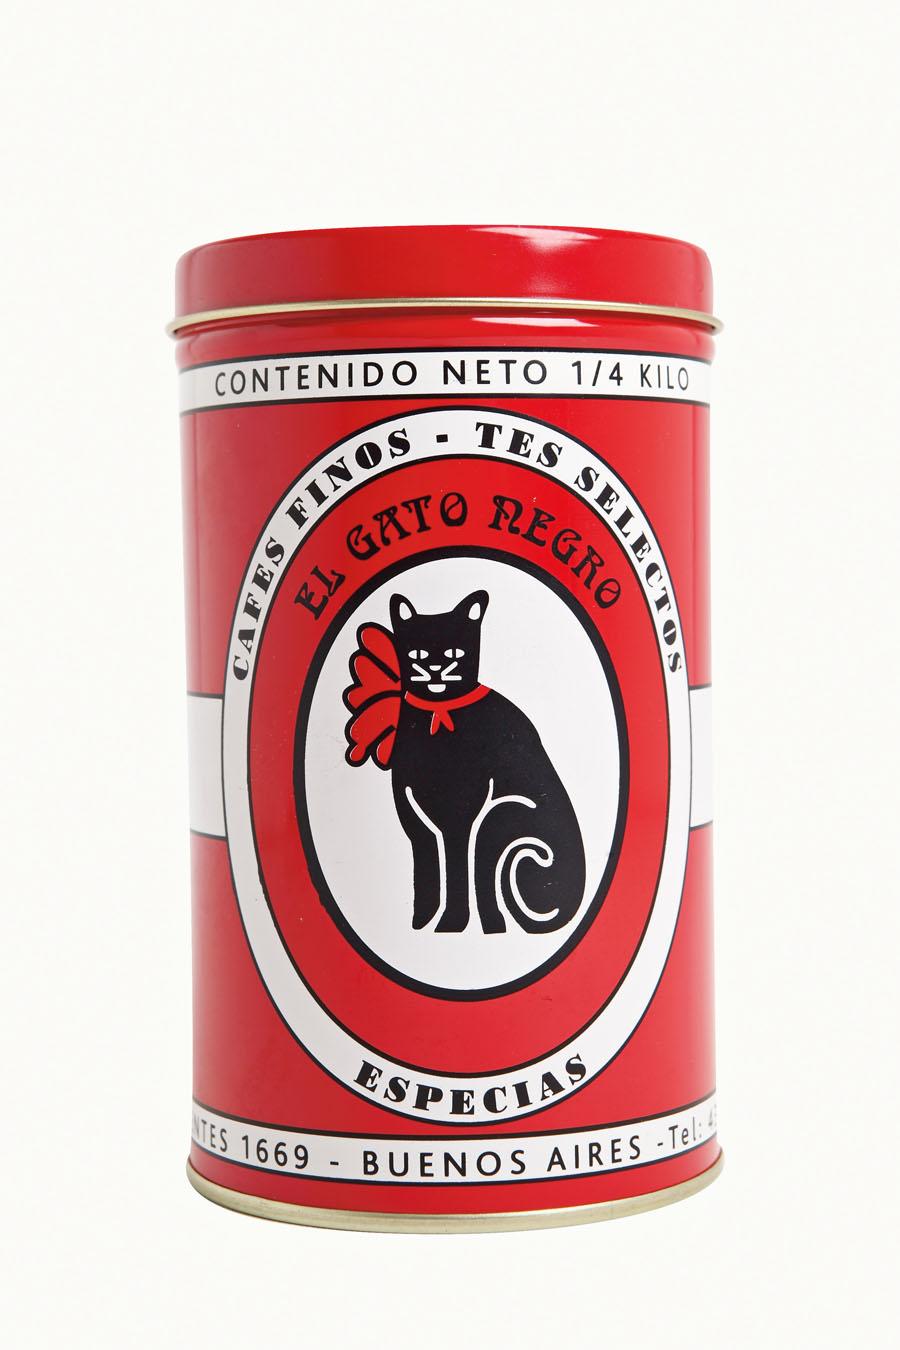 Lata - Da casa de chá El Gato Negro, de Buenos Aires.